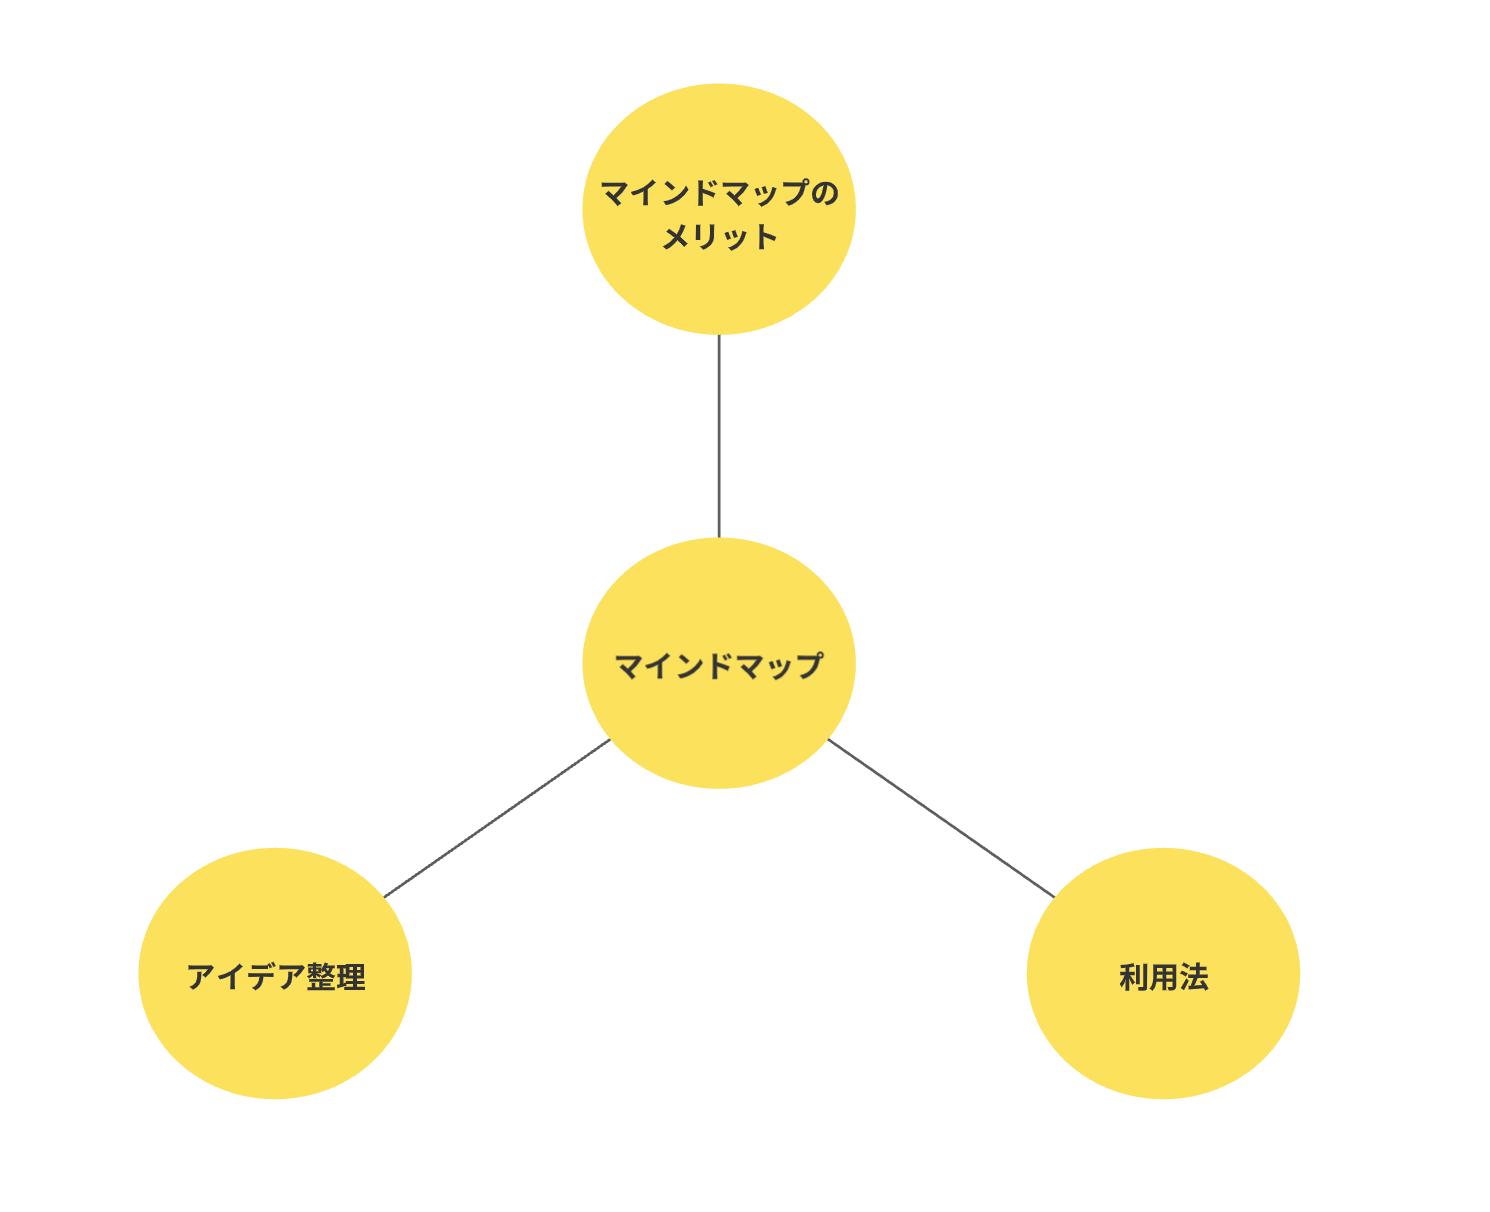 マインドマップの作成ステップ2